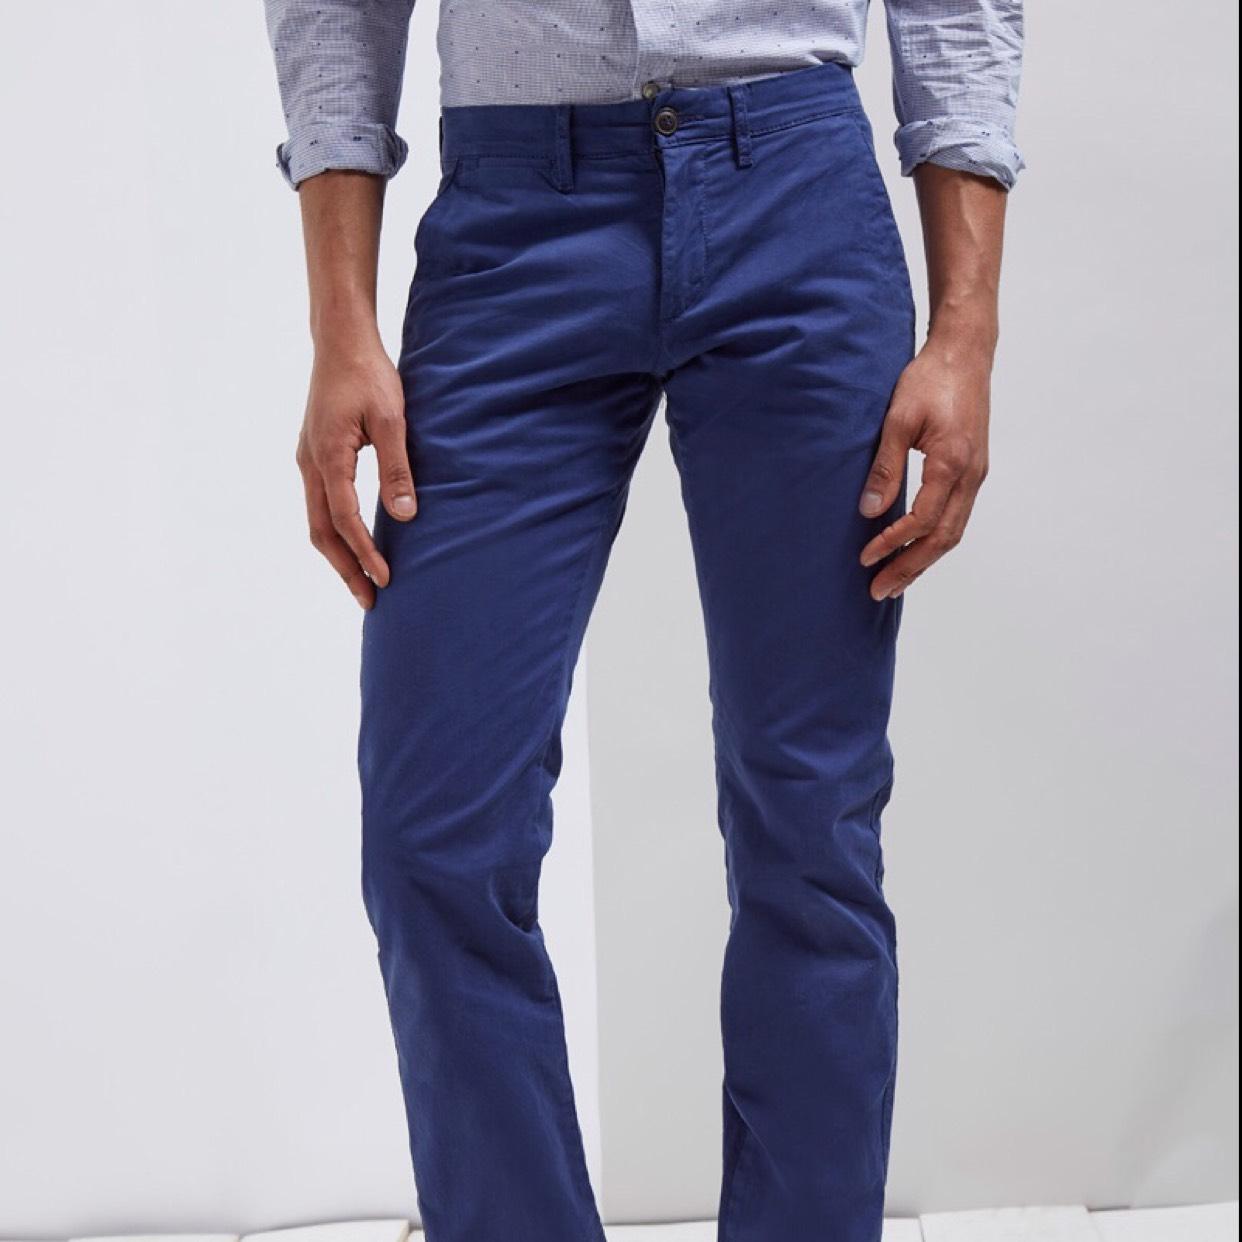 Sélection de produits Celio en promotion - Ex : Pantalon droit Indigo